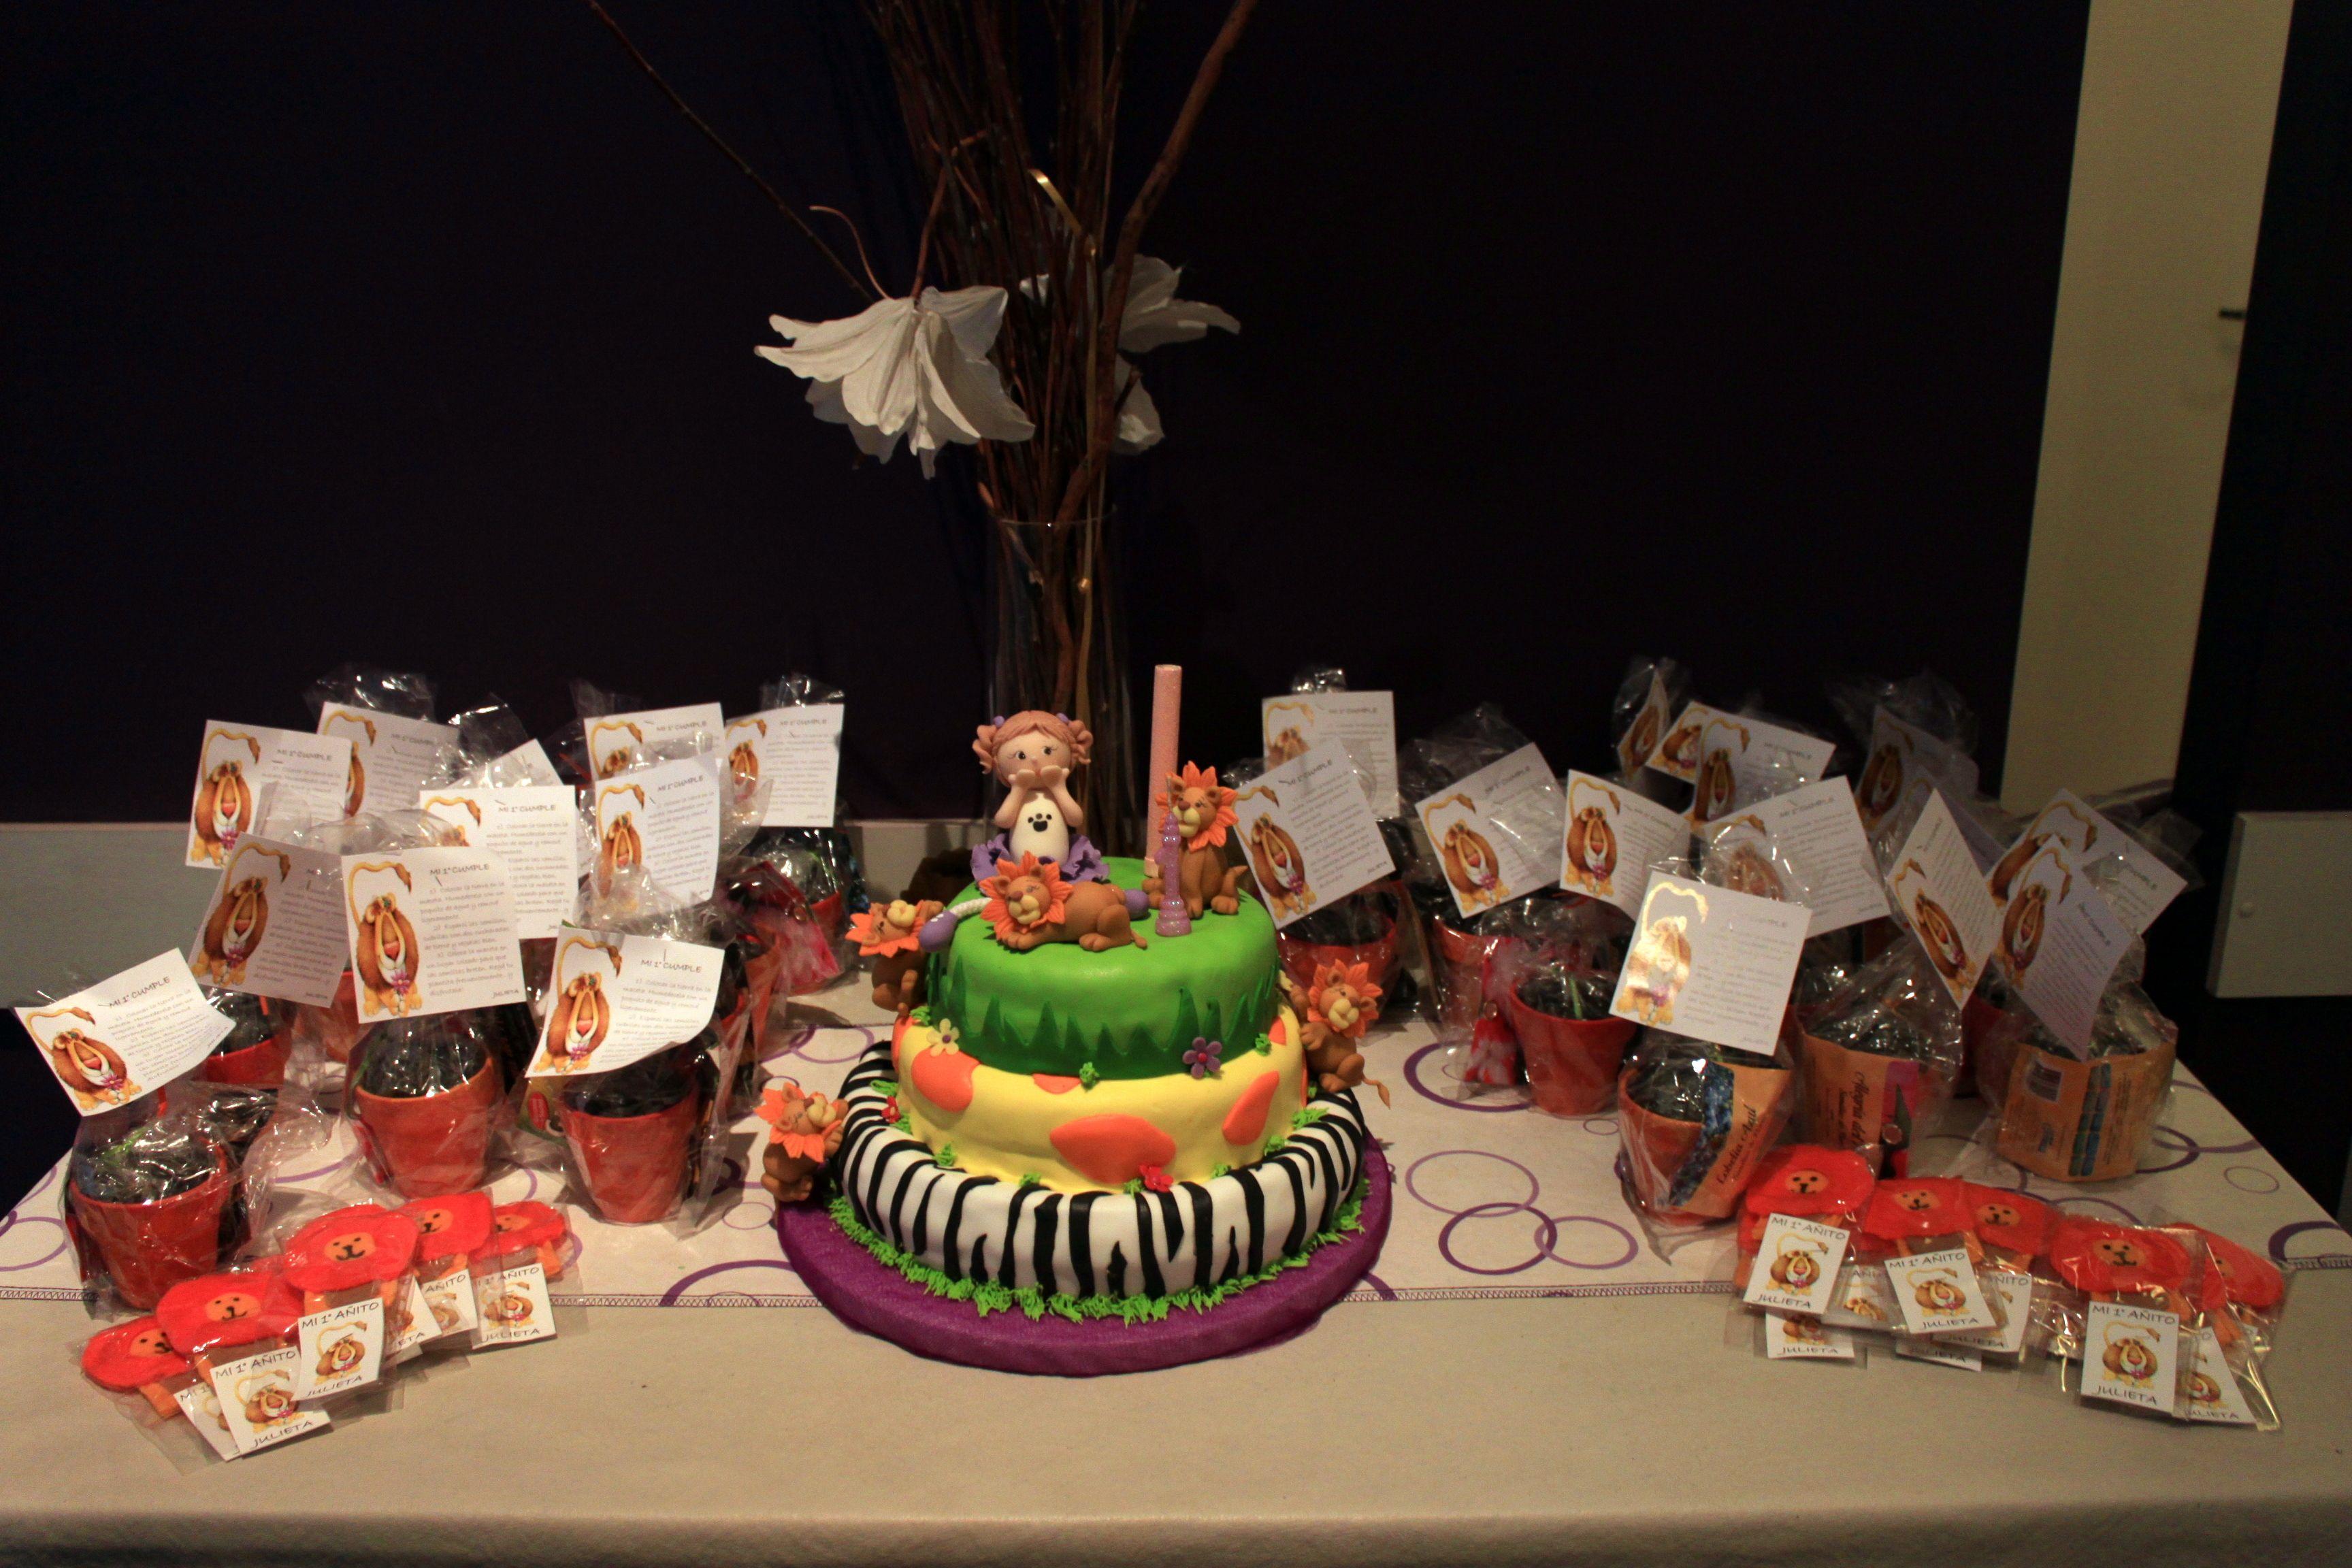 Torta para el cumple de un año de Juji! Souvenir:  1)macetas pintadas a mano, con bolsita de tierra y semillas. 2)titere de dedo de leoncito